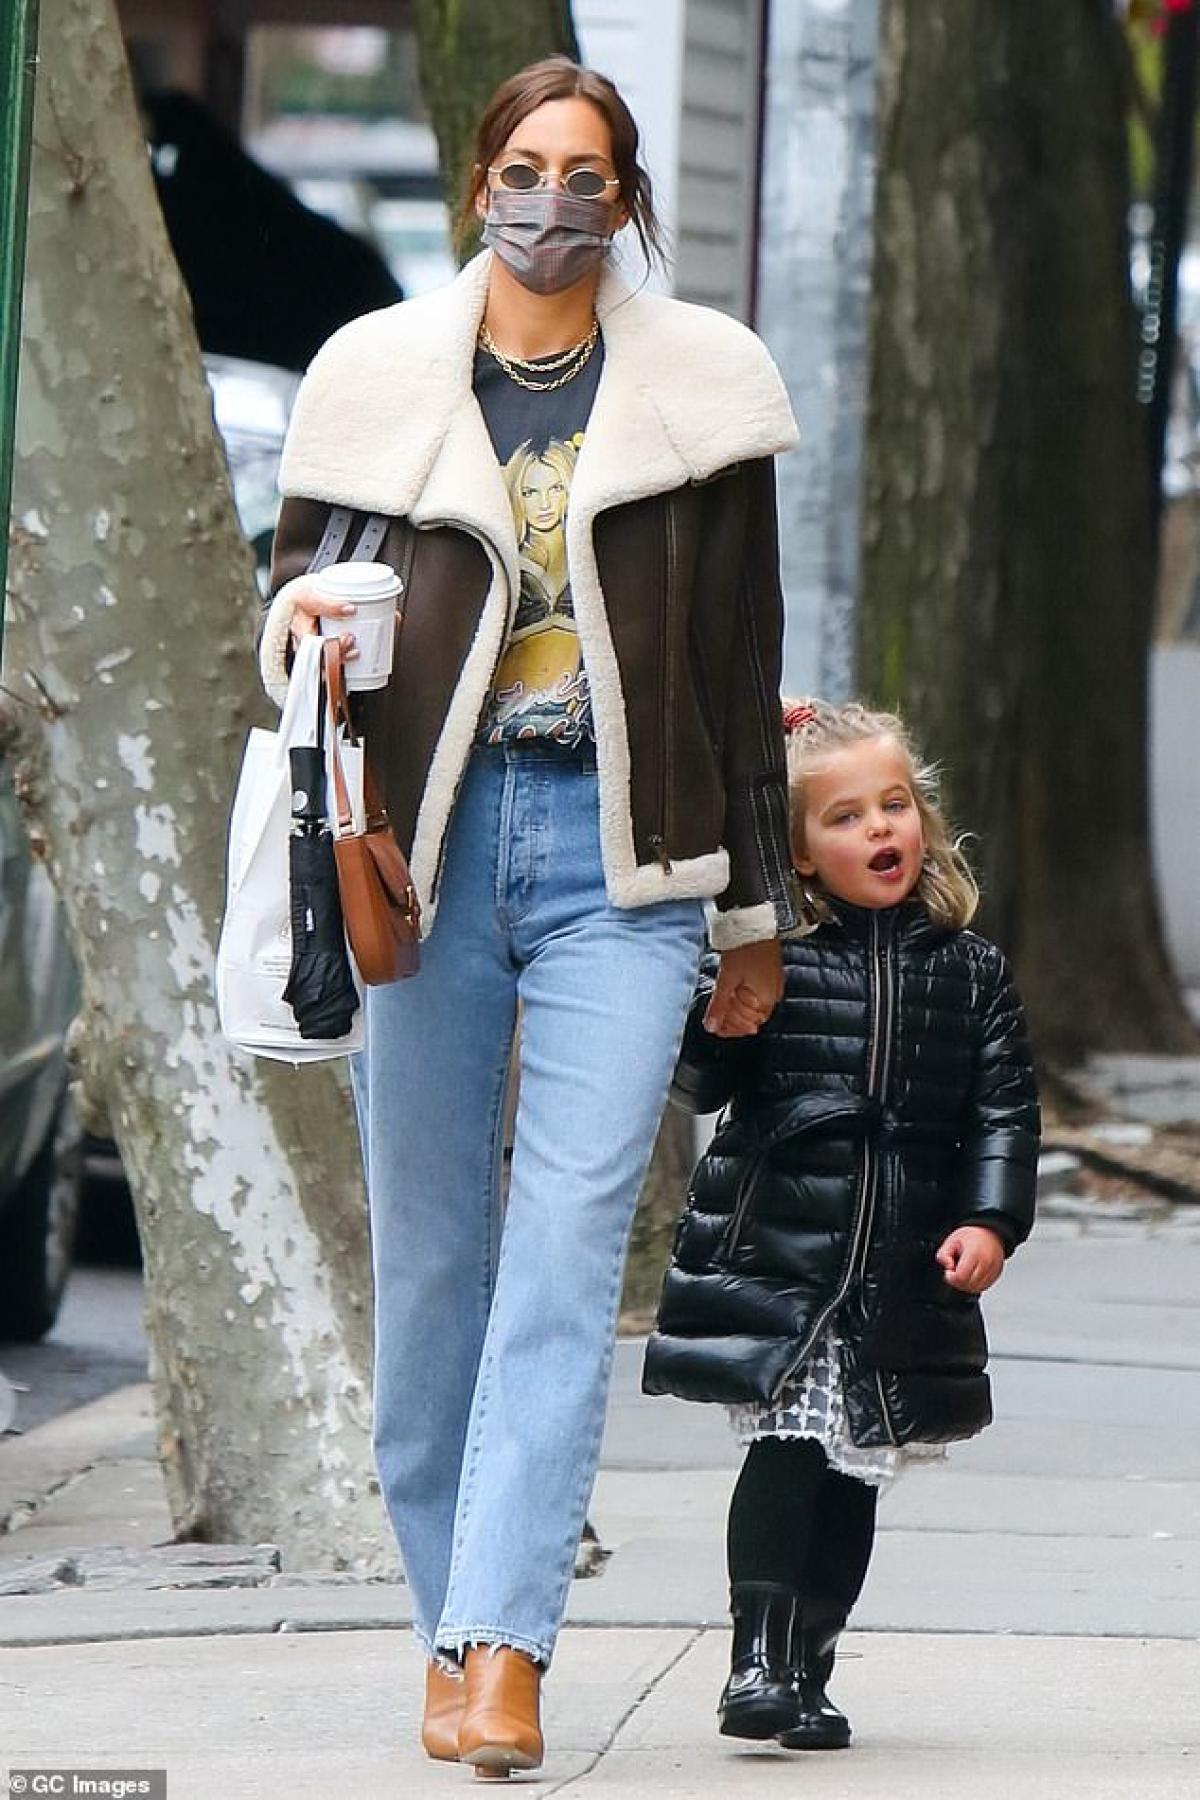 Mới đây, Irina Shayk vui vẻ đưa con gái cưng Lea đi dạo phố ở New York.